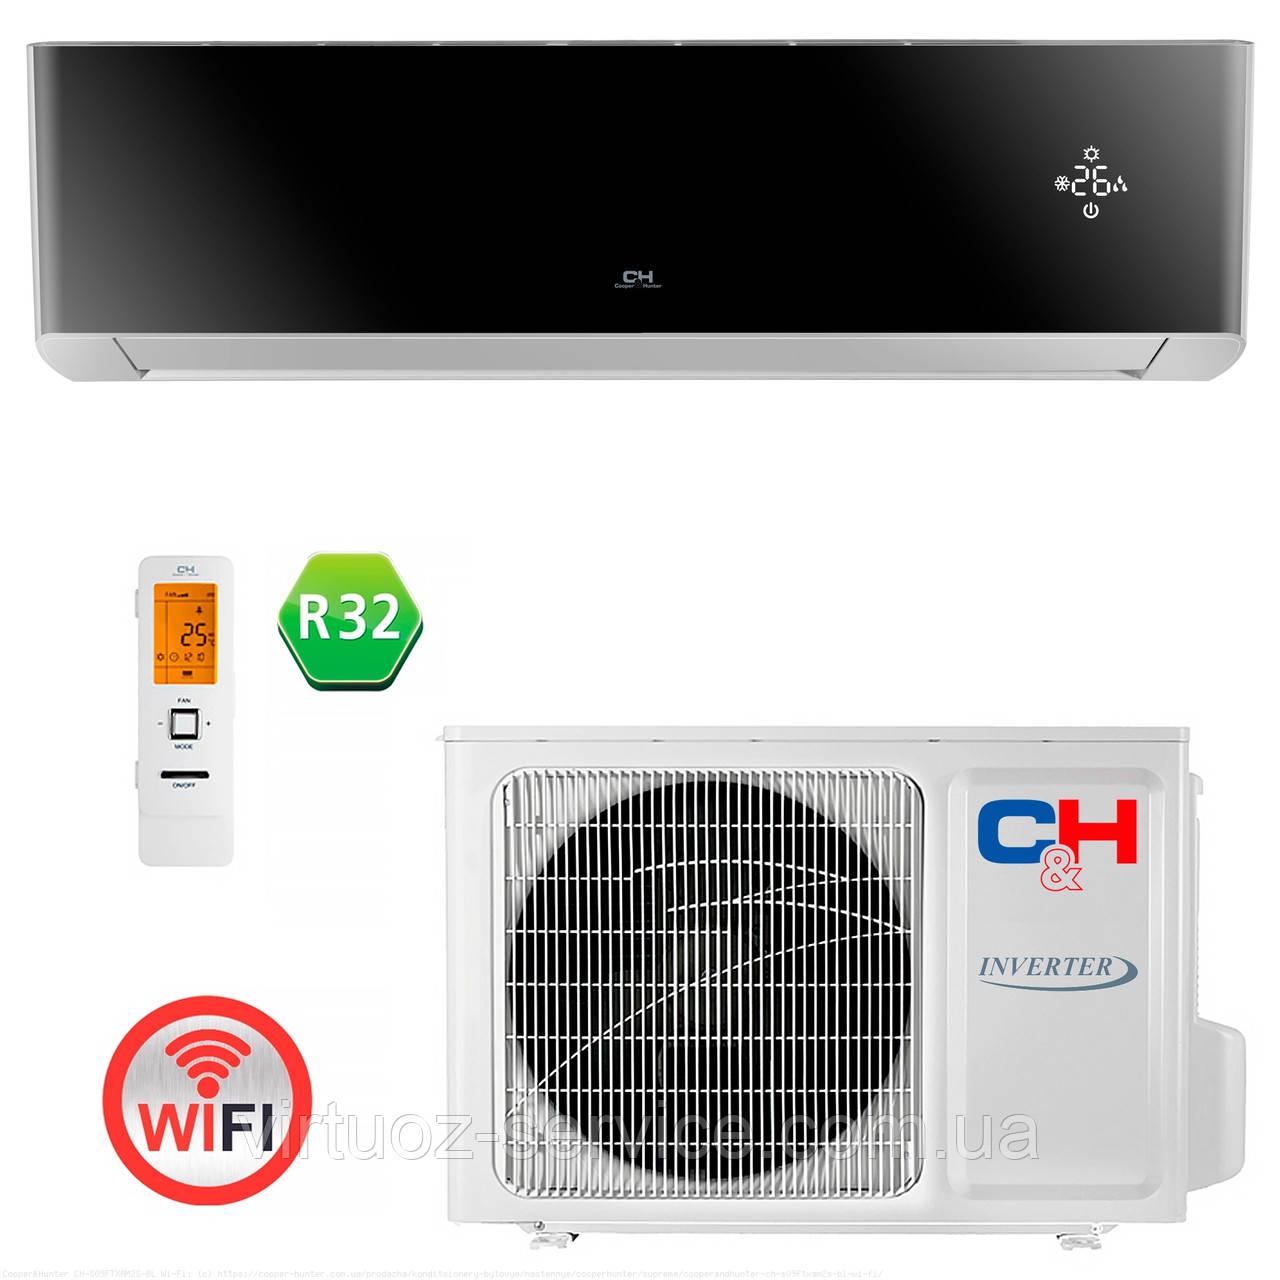 Инверторный кондиционер Cooper&Hunter CH-S09FTXAM2S-BL Wi-Fi